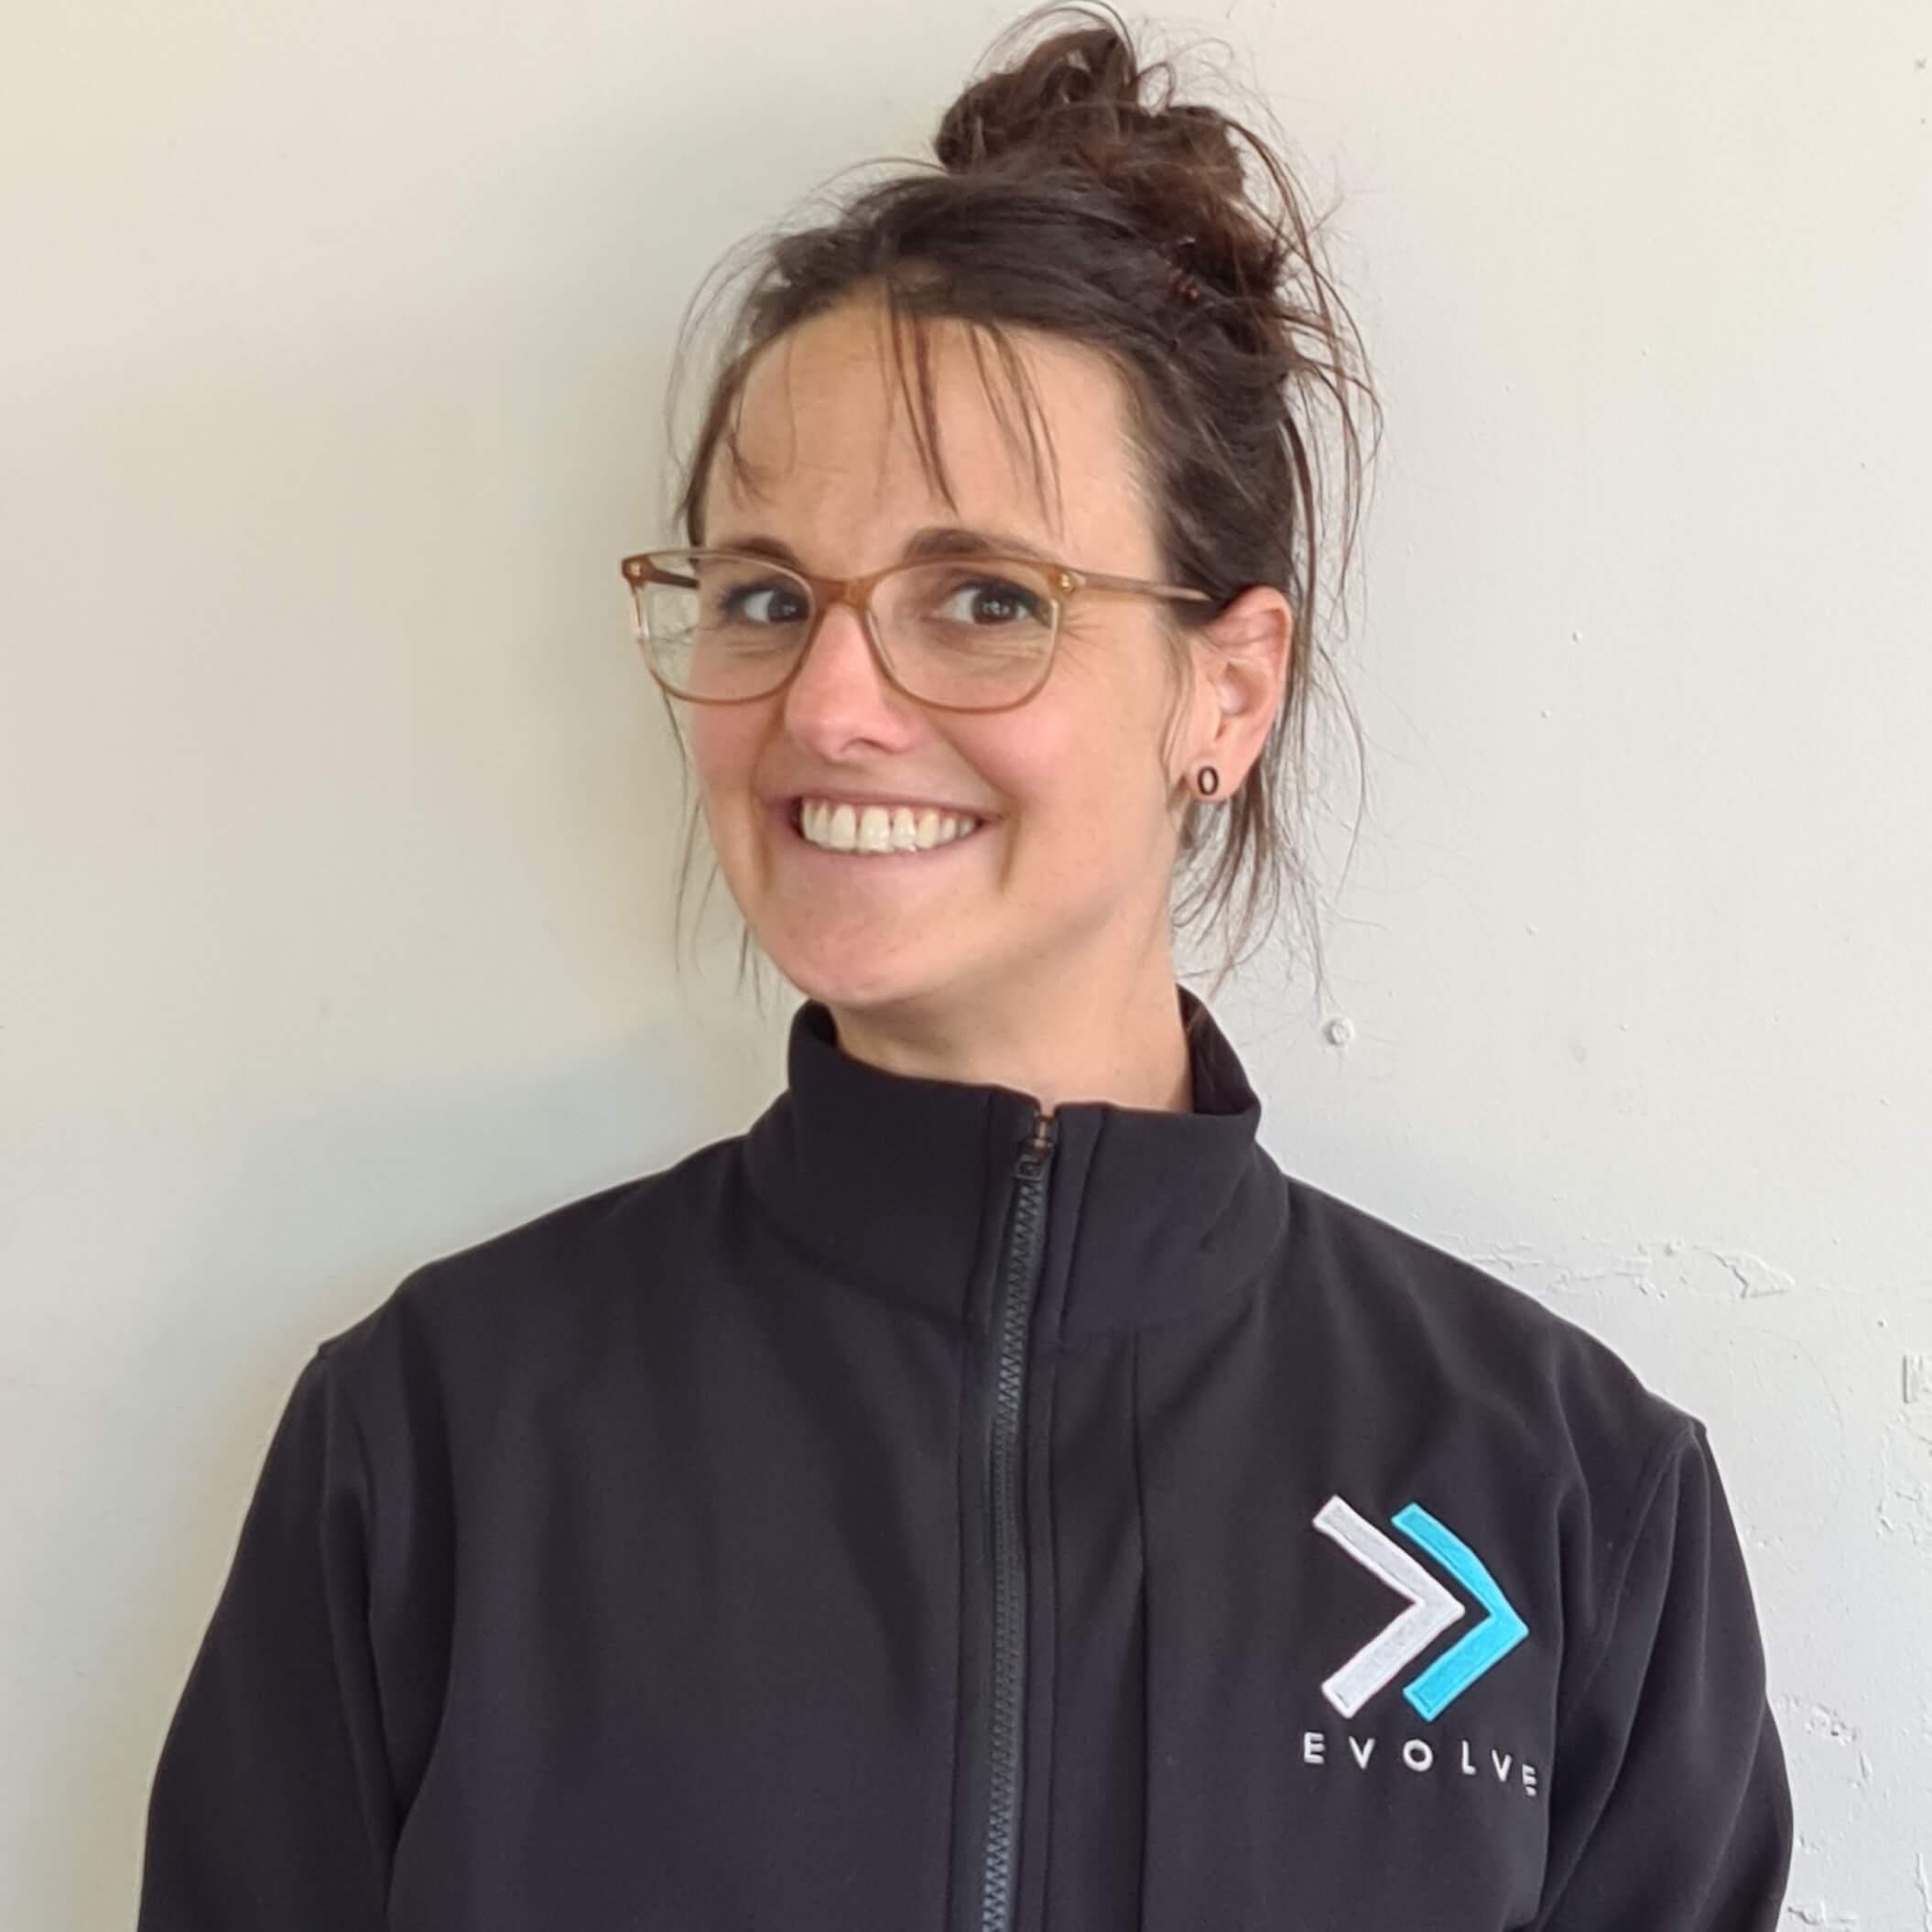 Evolve exercise trainer woman face portrait